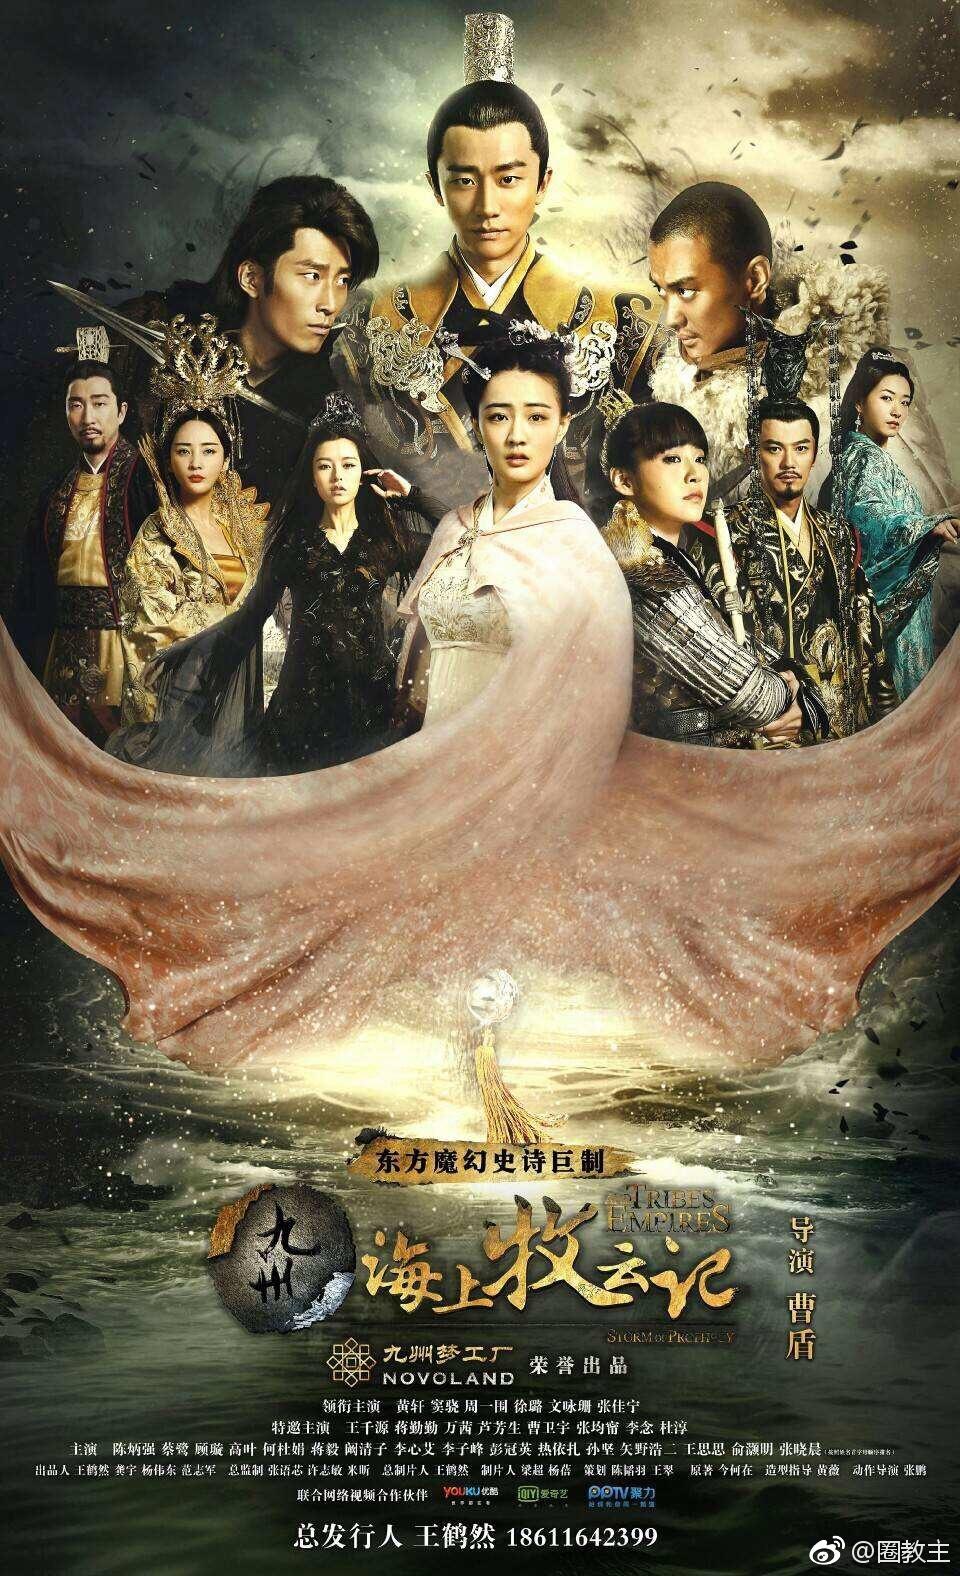 奇数年的 湖南卫视 电视剧场惹不起 2005年 大长今 2007年 又见一帘幽梦 2009年